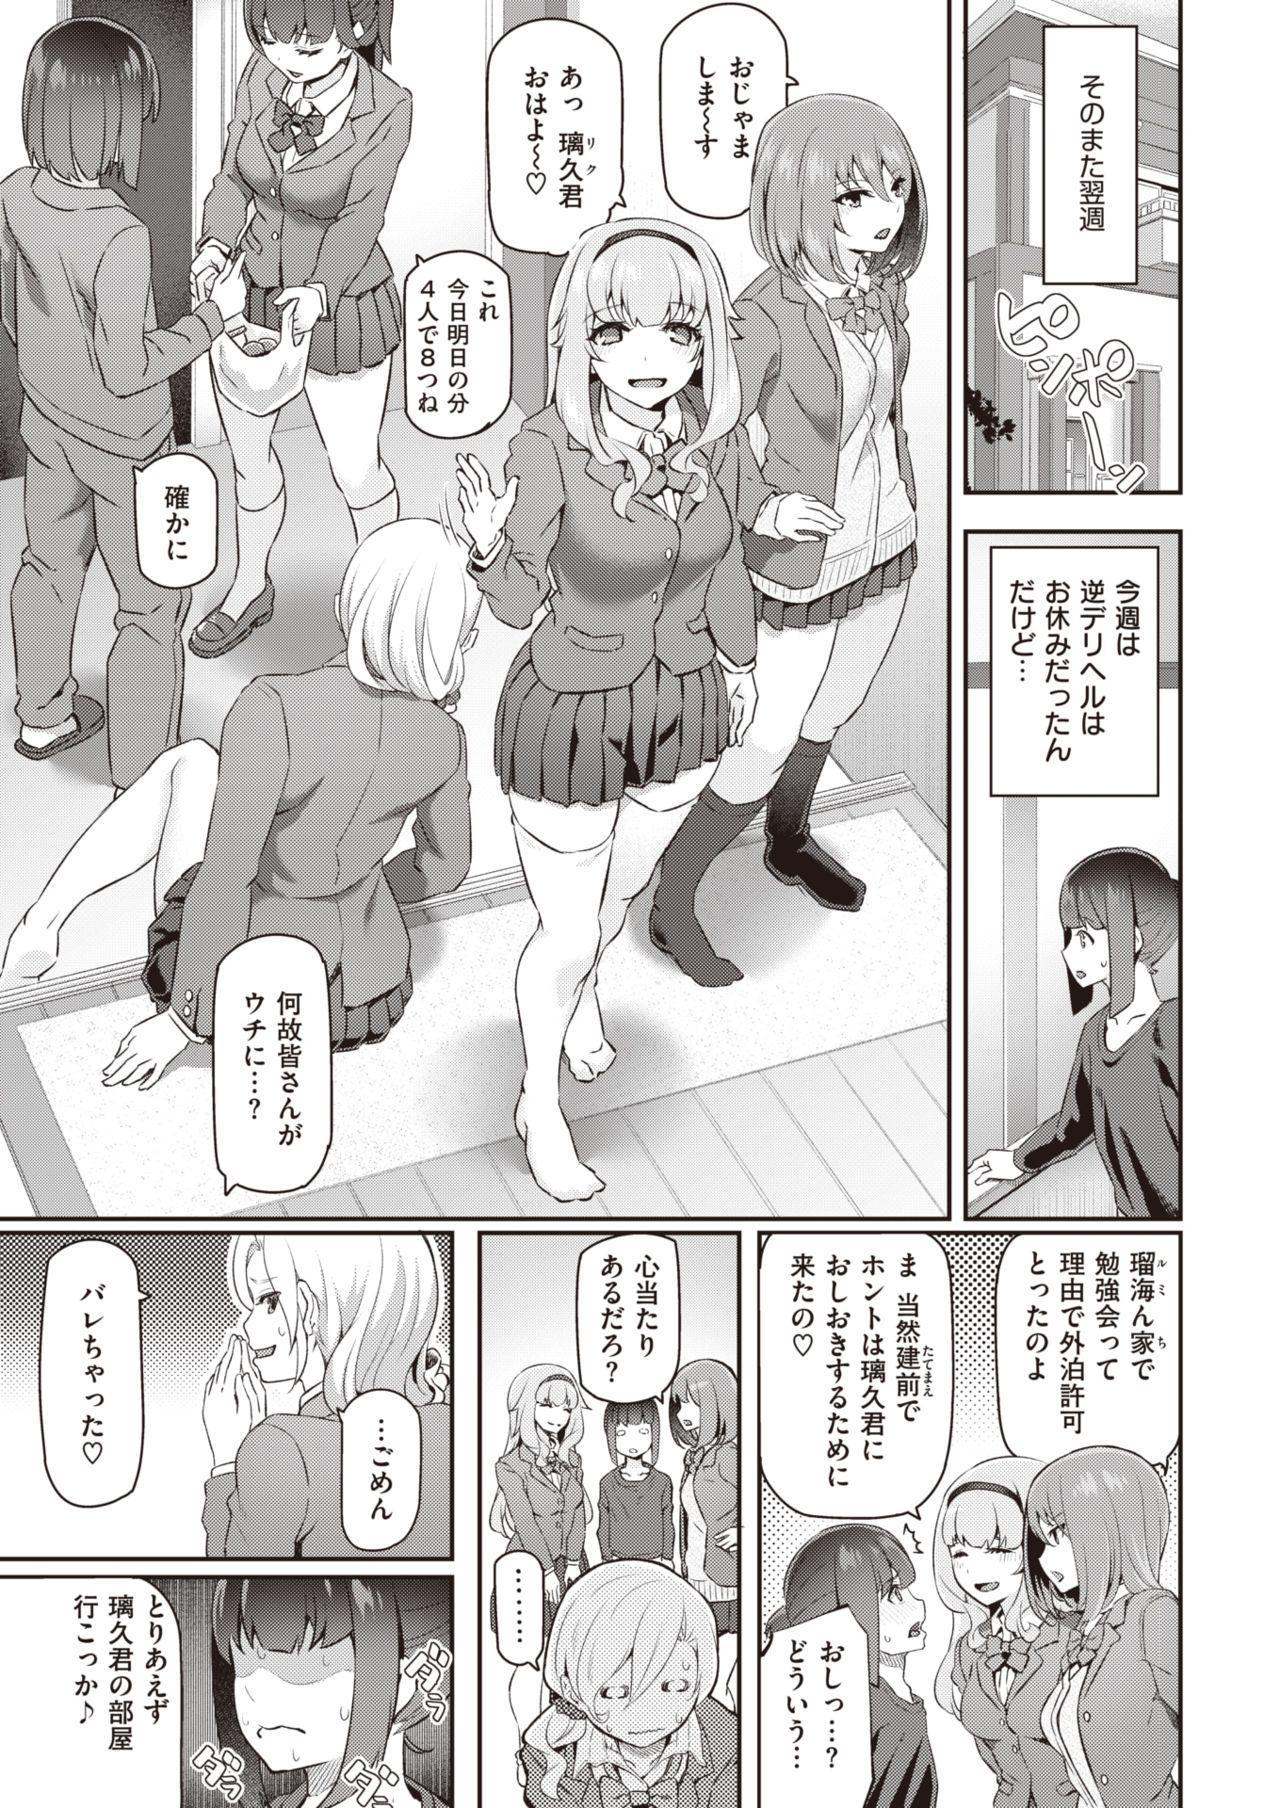 COMIC Kairakuten 2020-02 26